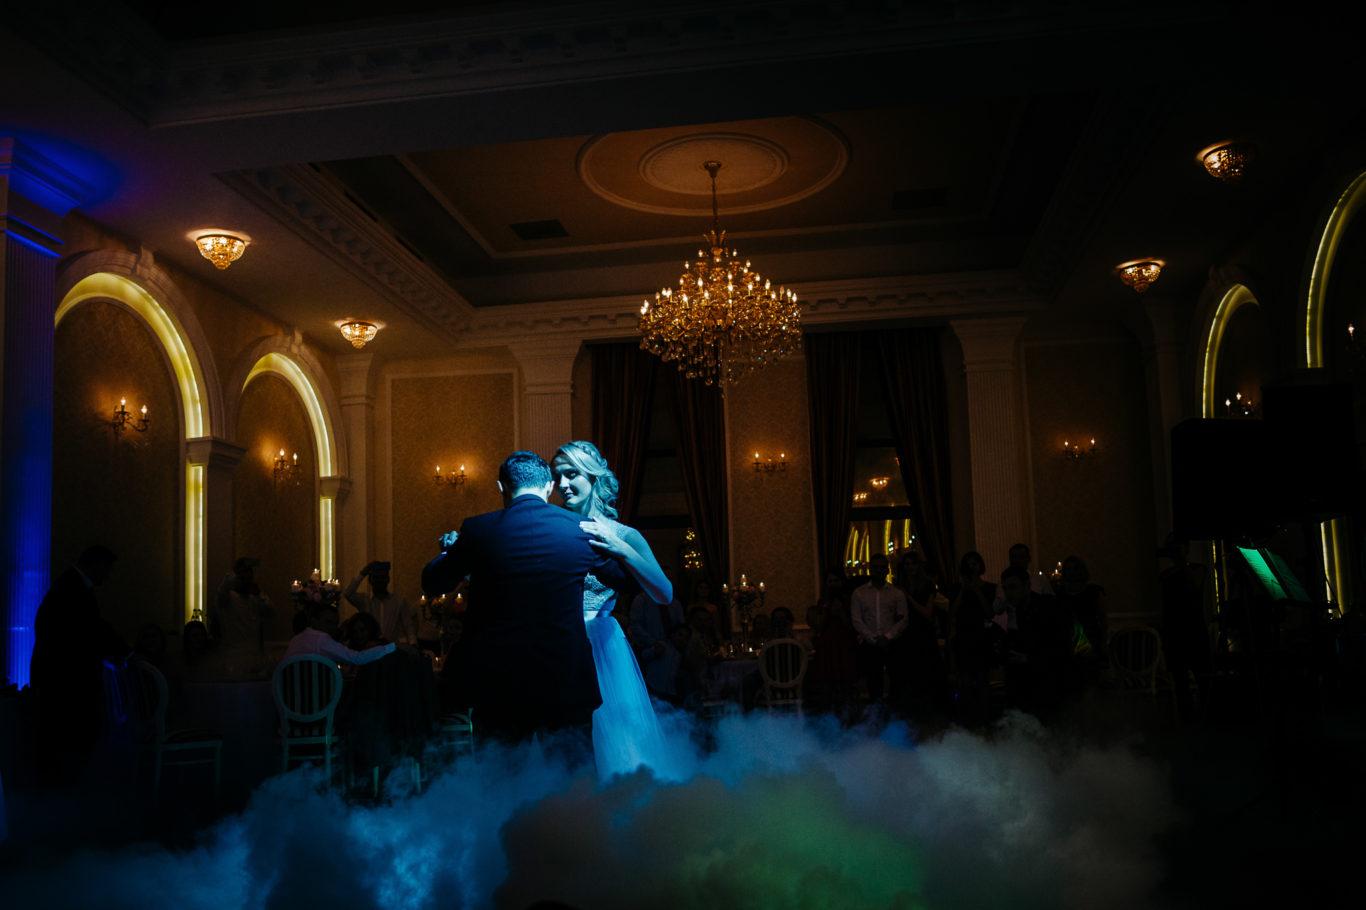 0893-Fotografie-nunta-Mirela-Iulian-fotograf-Ciprian-Dumitrescu-DCF_7830